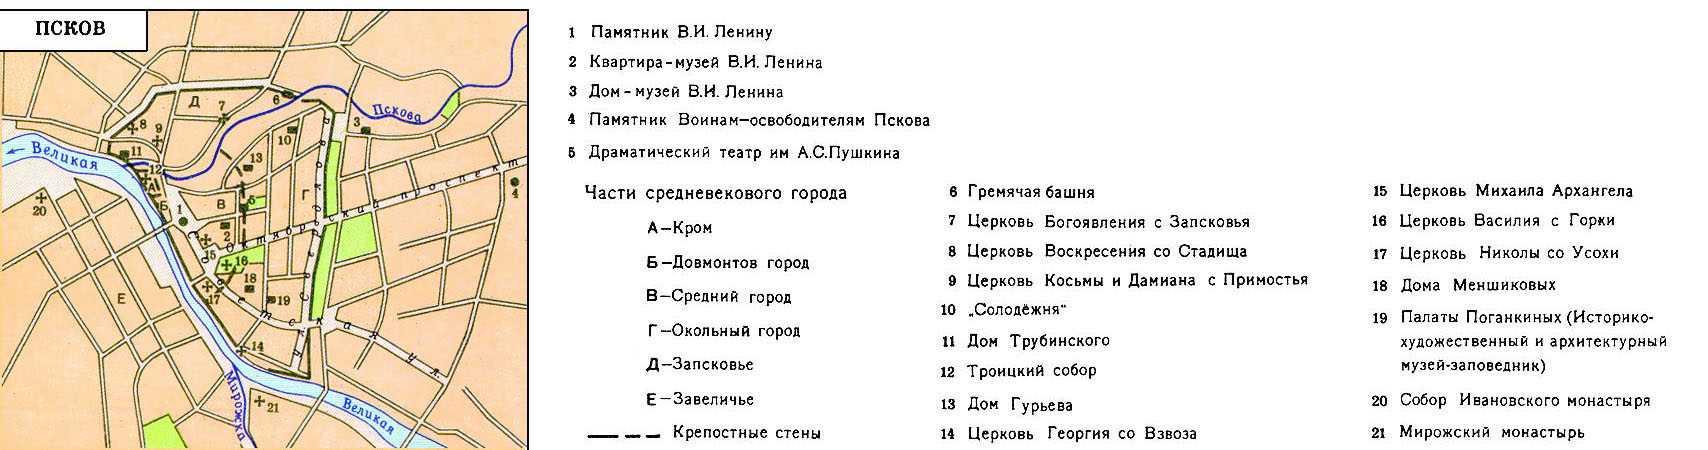 Большая советская энциклопедия — м